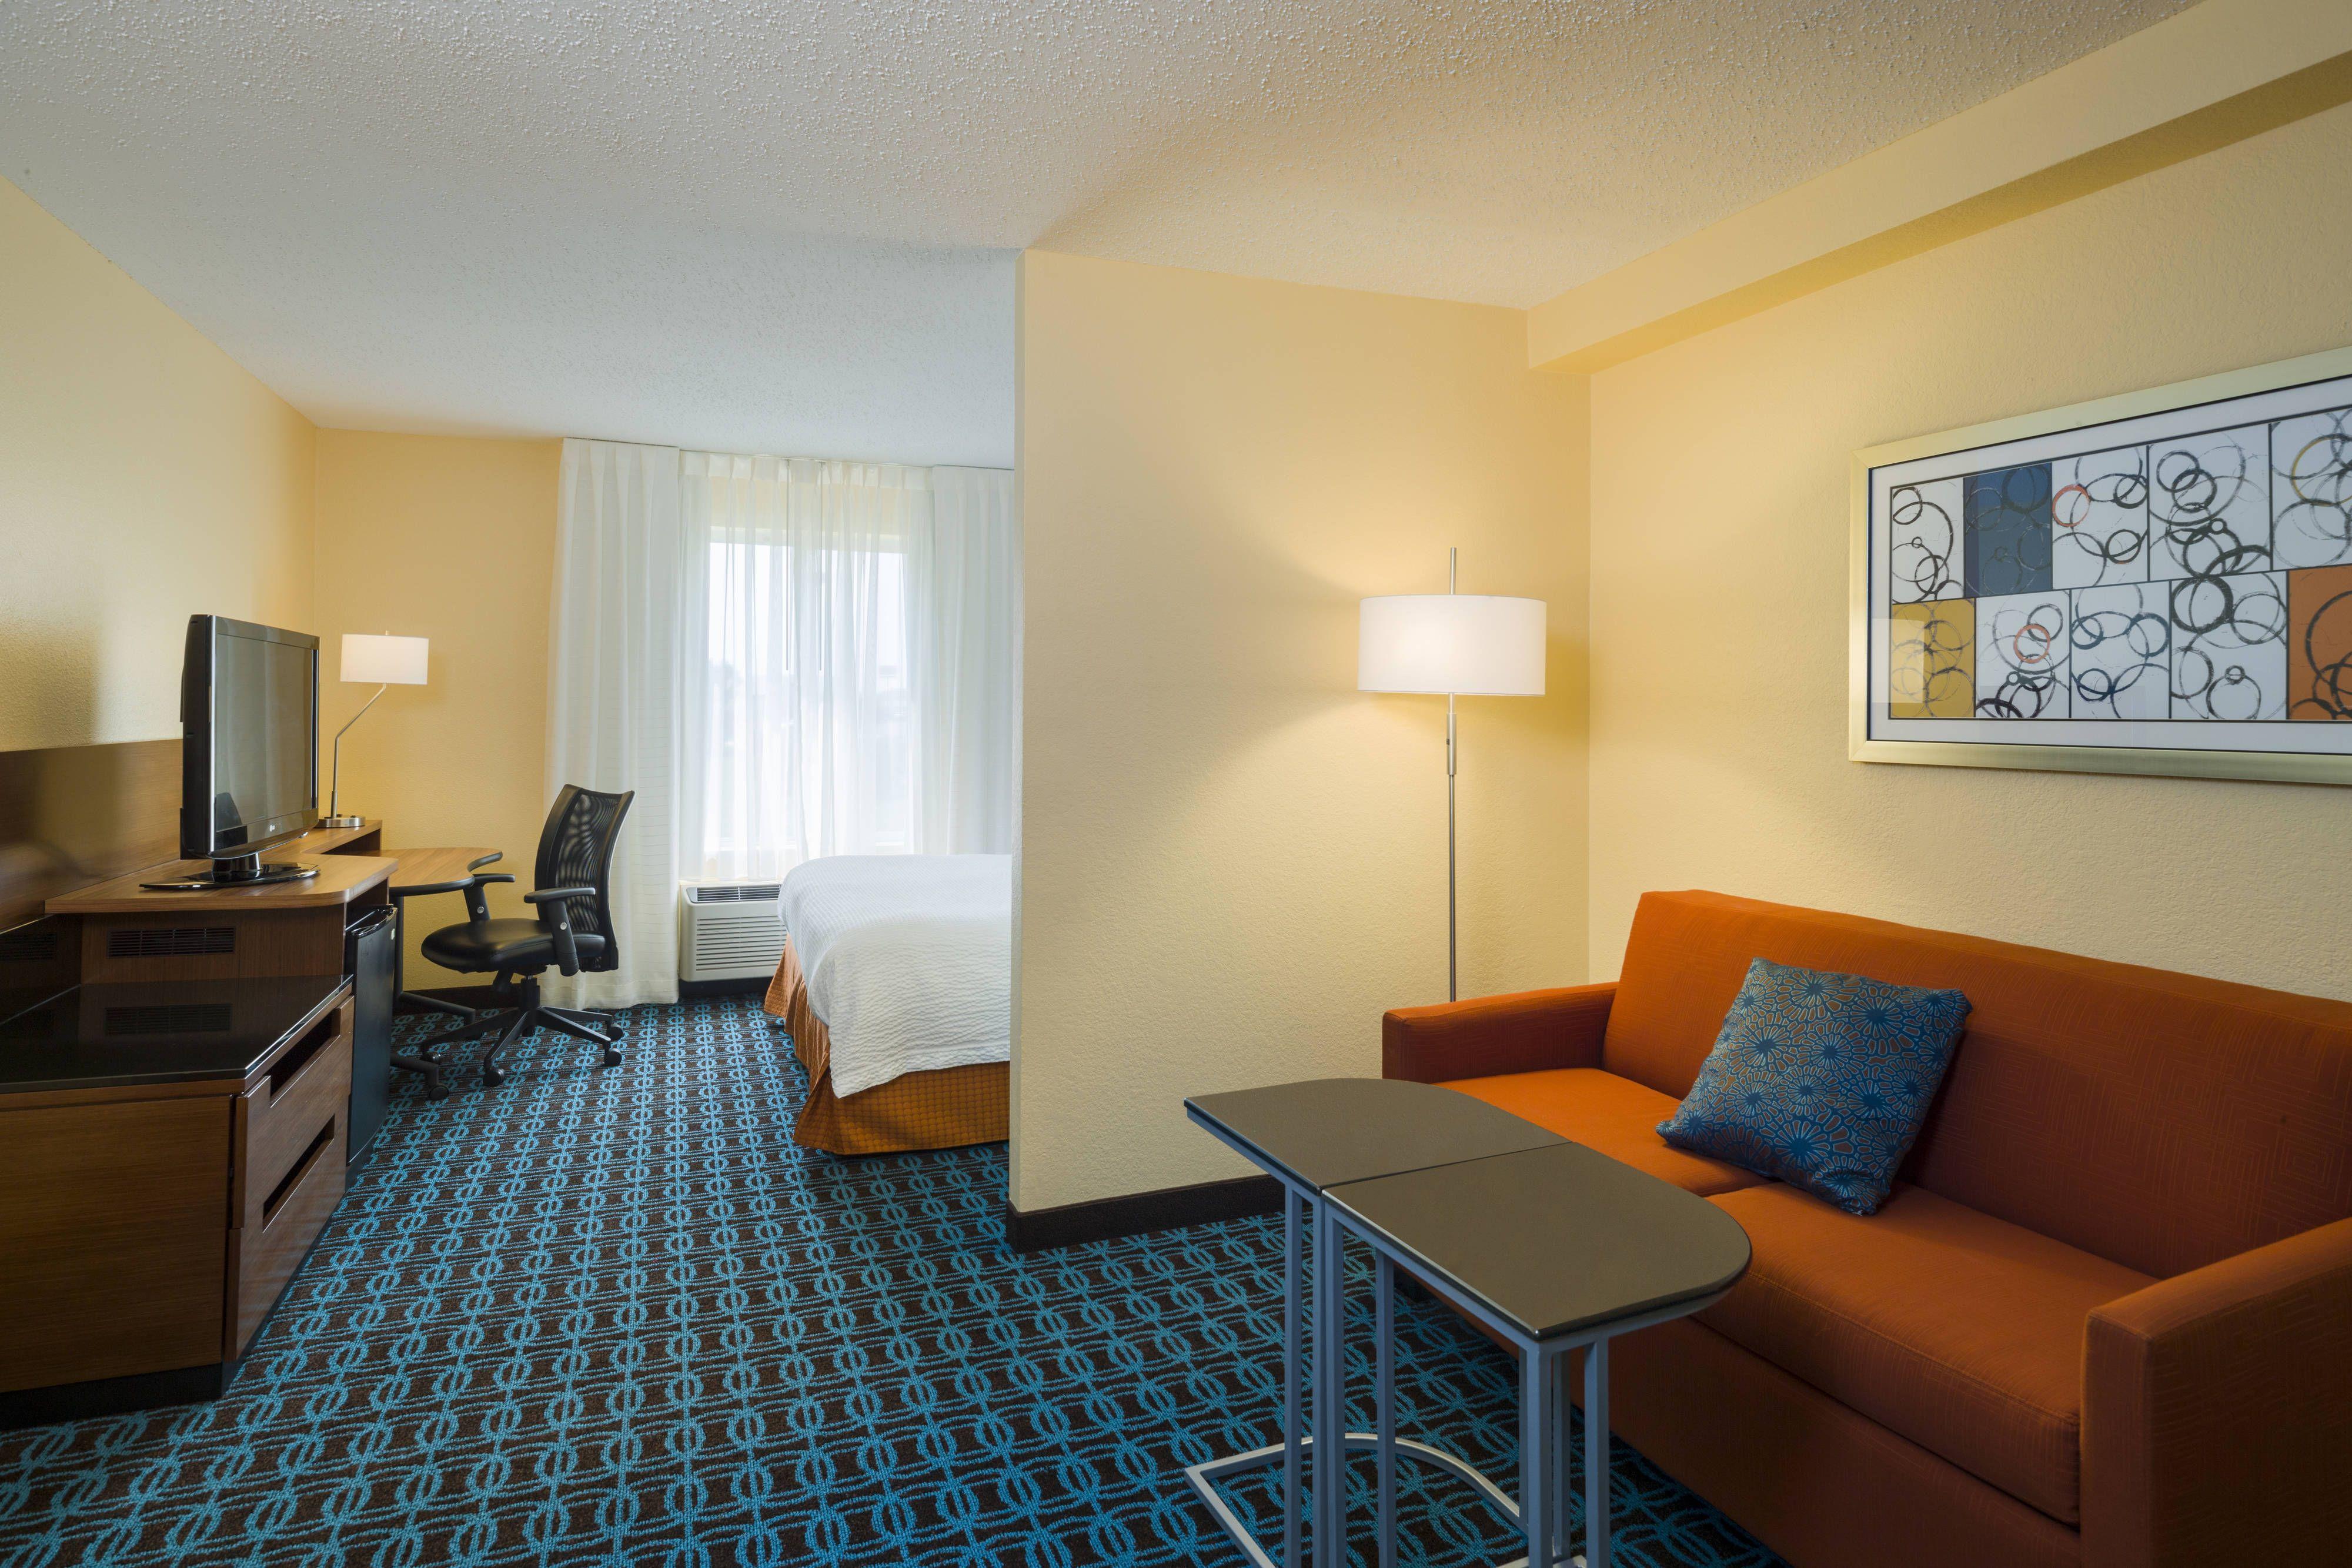 Fairfield Inn Paint Colors For Living Room Fairfield Inn Room